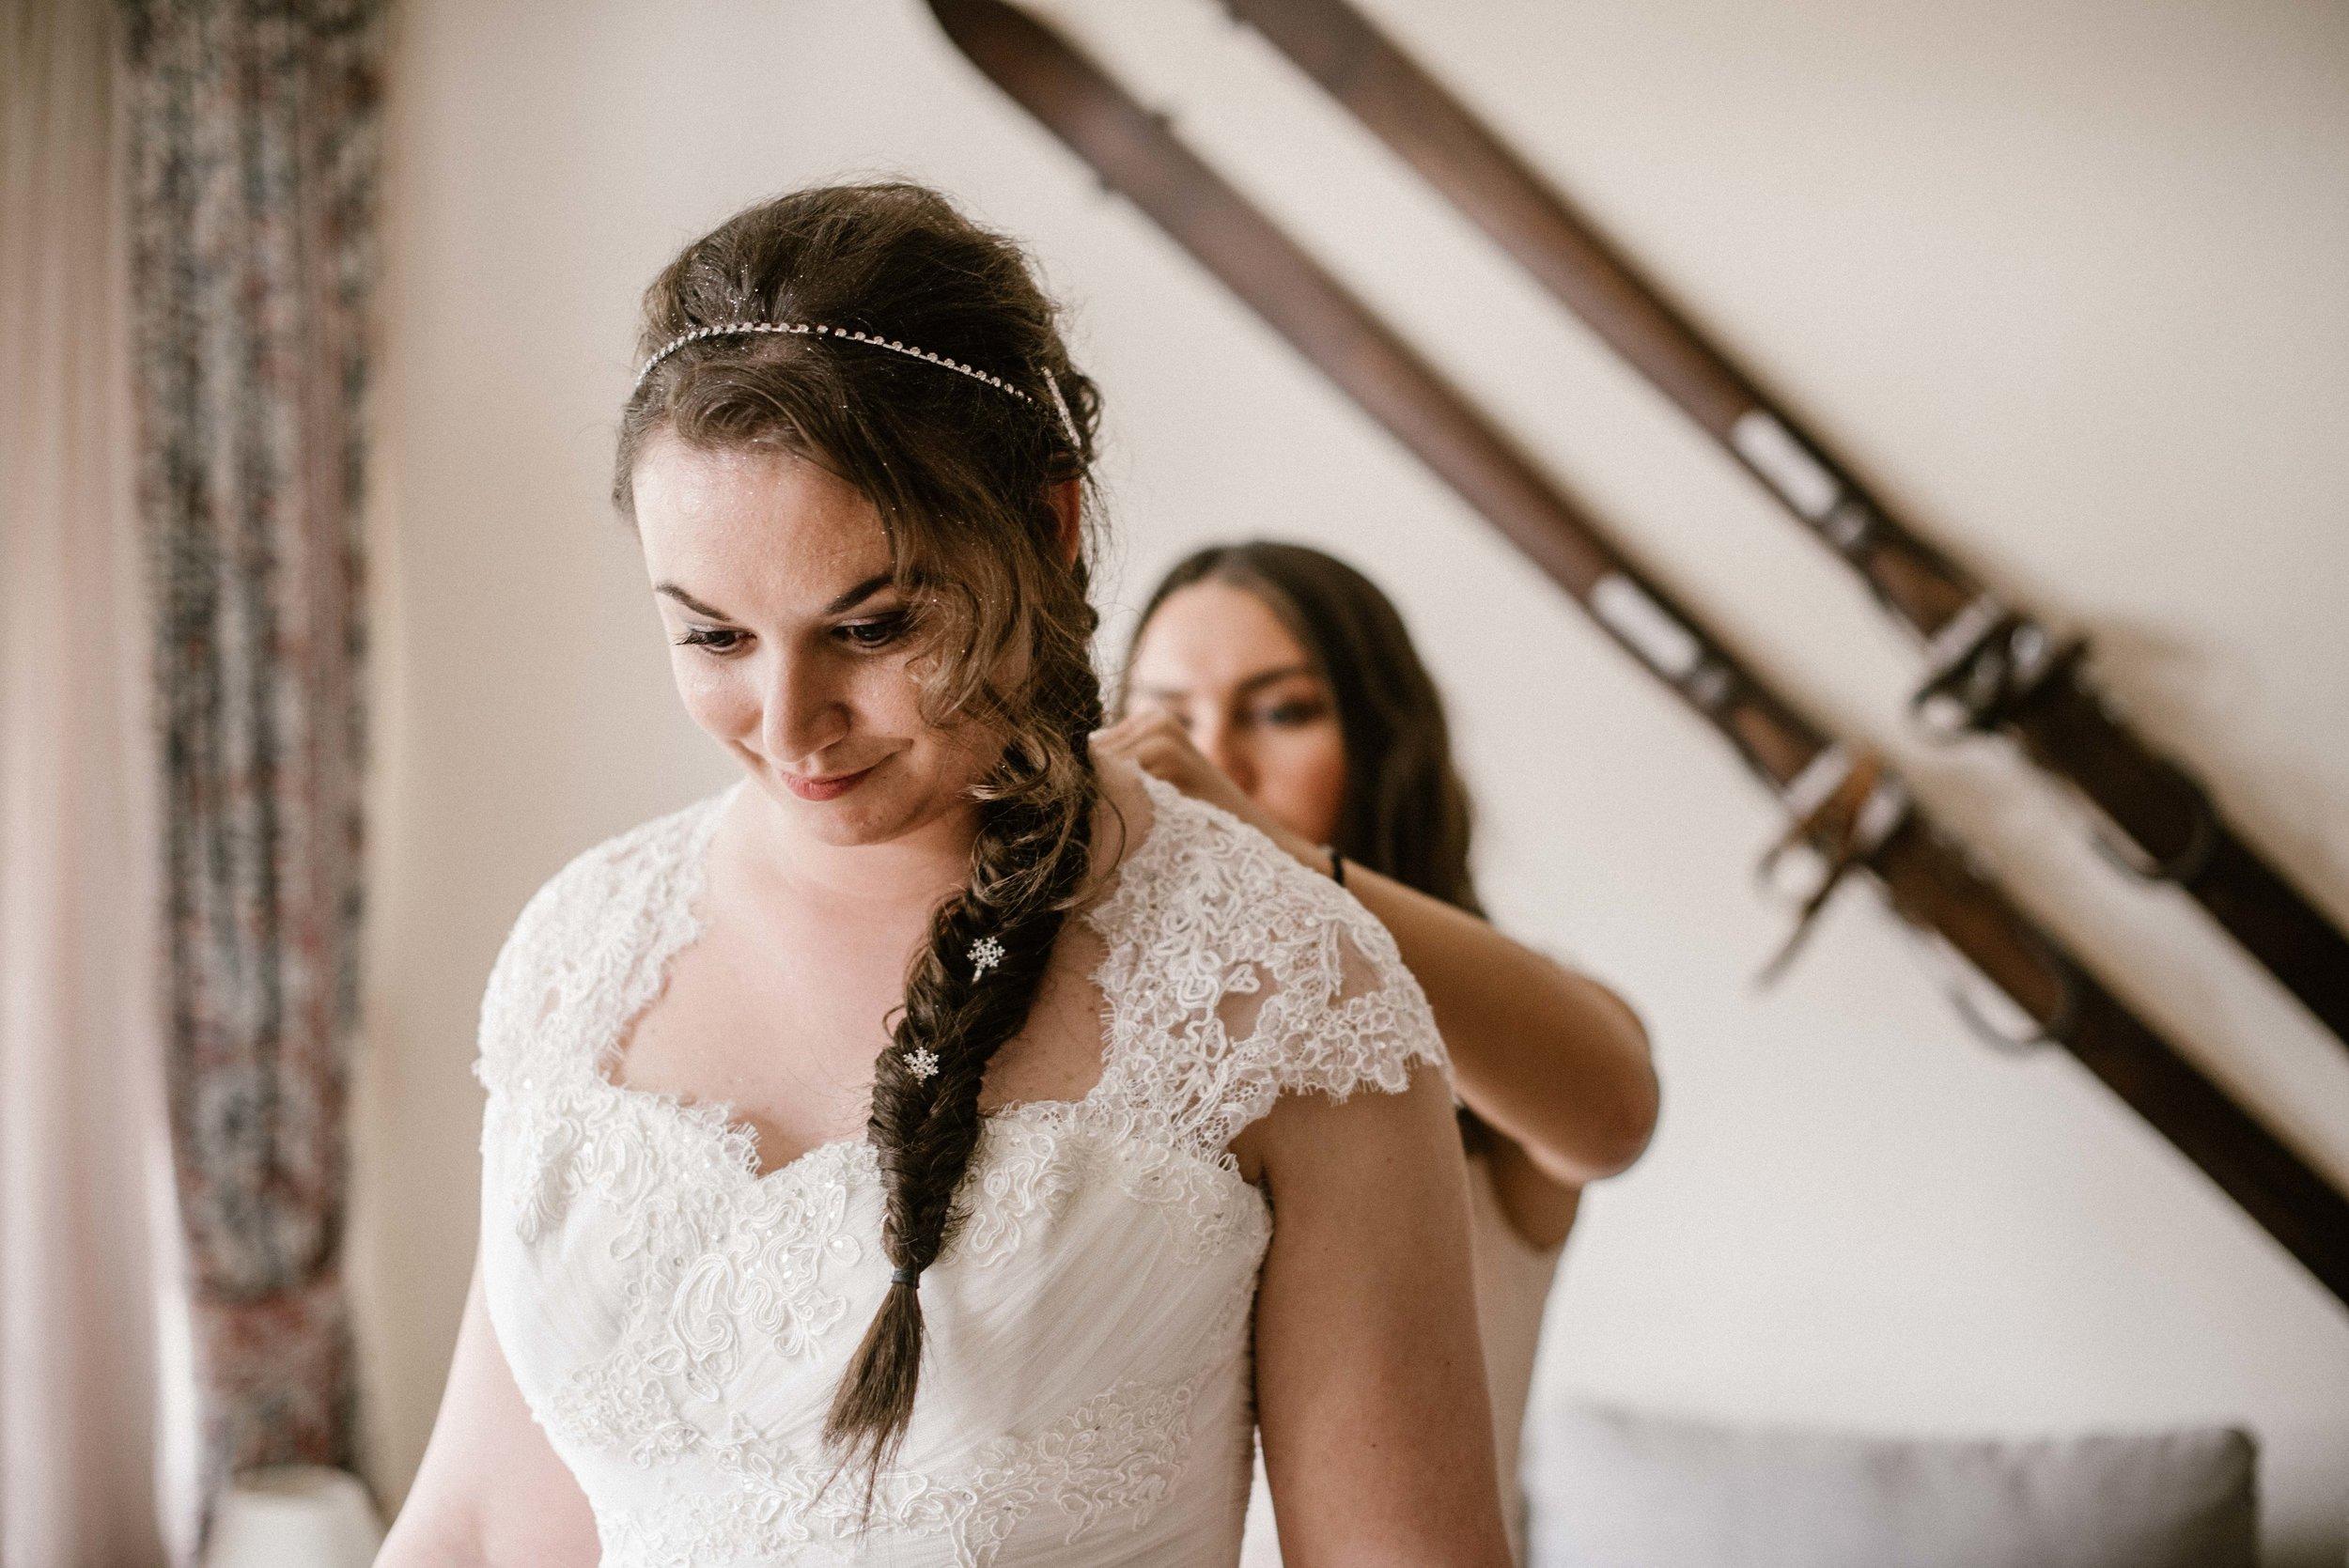 Léa-Fery-photographe-professionnel-lyon-rhone-alpes-portrait-mariage-couple-amour-lovesession-engagement-elopment-2088.jpg